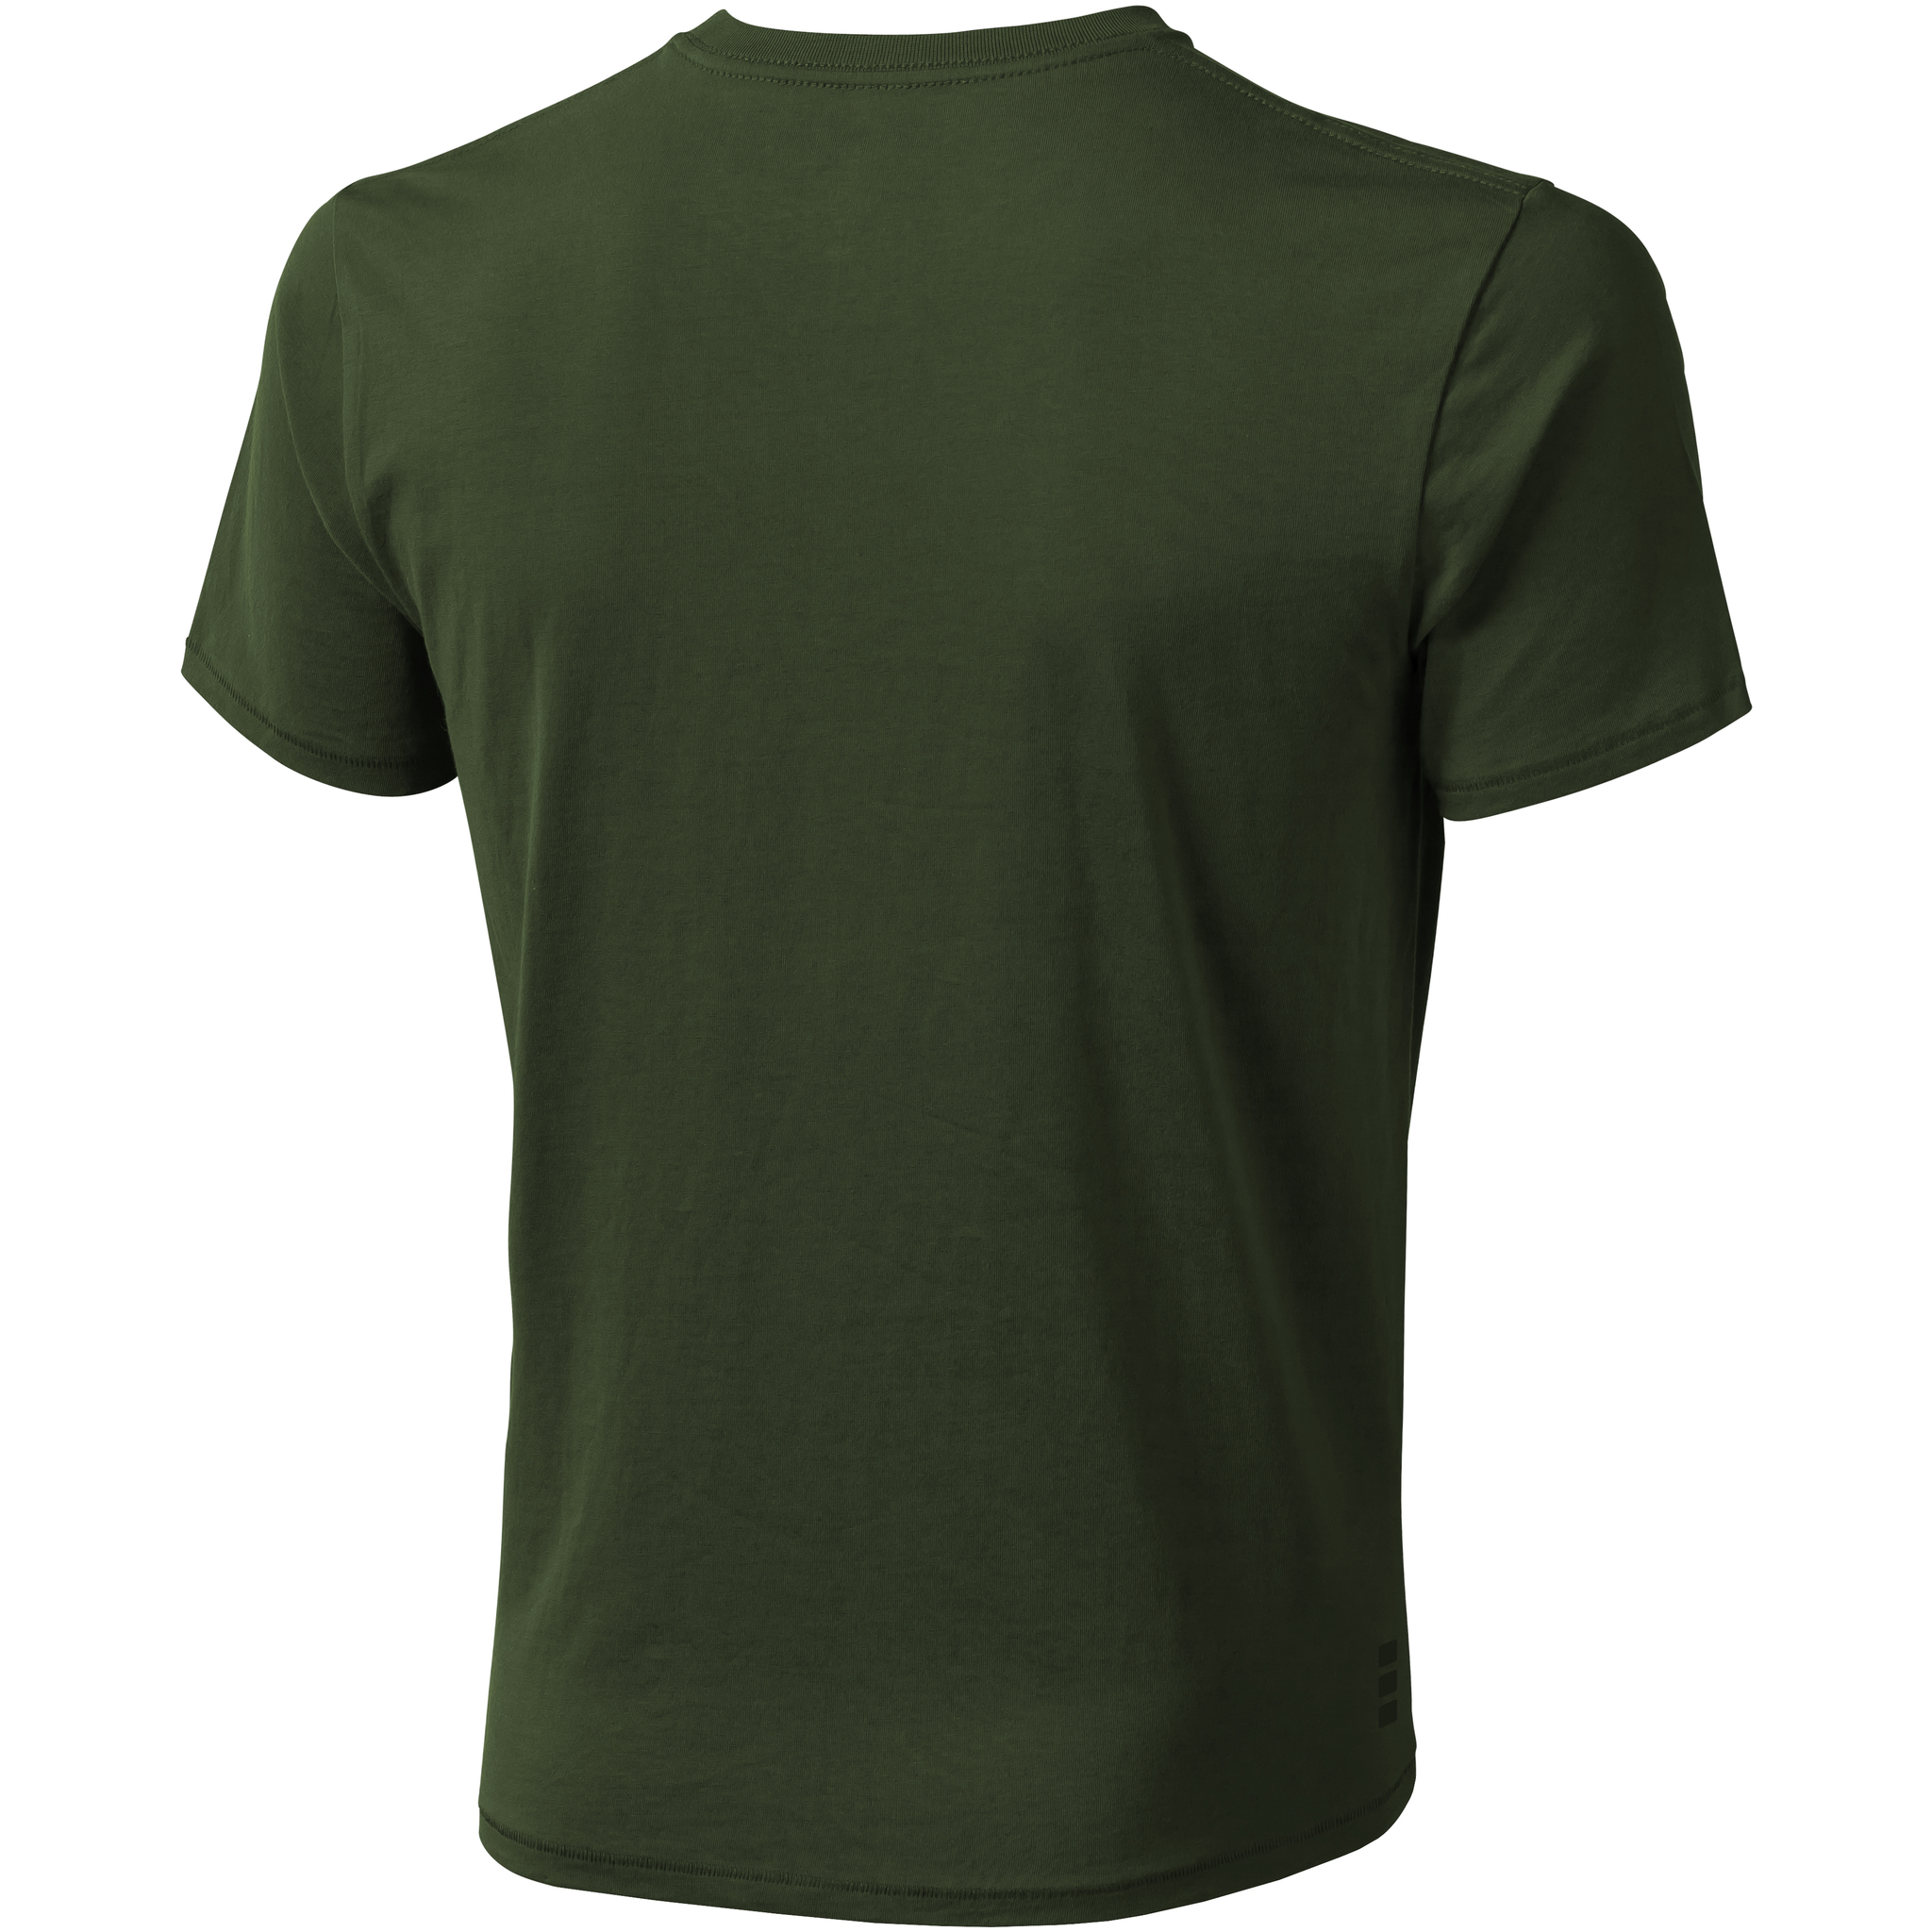 Elevate-Mens-Nanaimo-Short-Sleeve-T-Shirt-PF1807 thumbnail 22